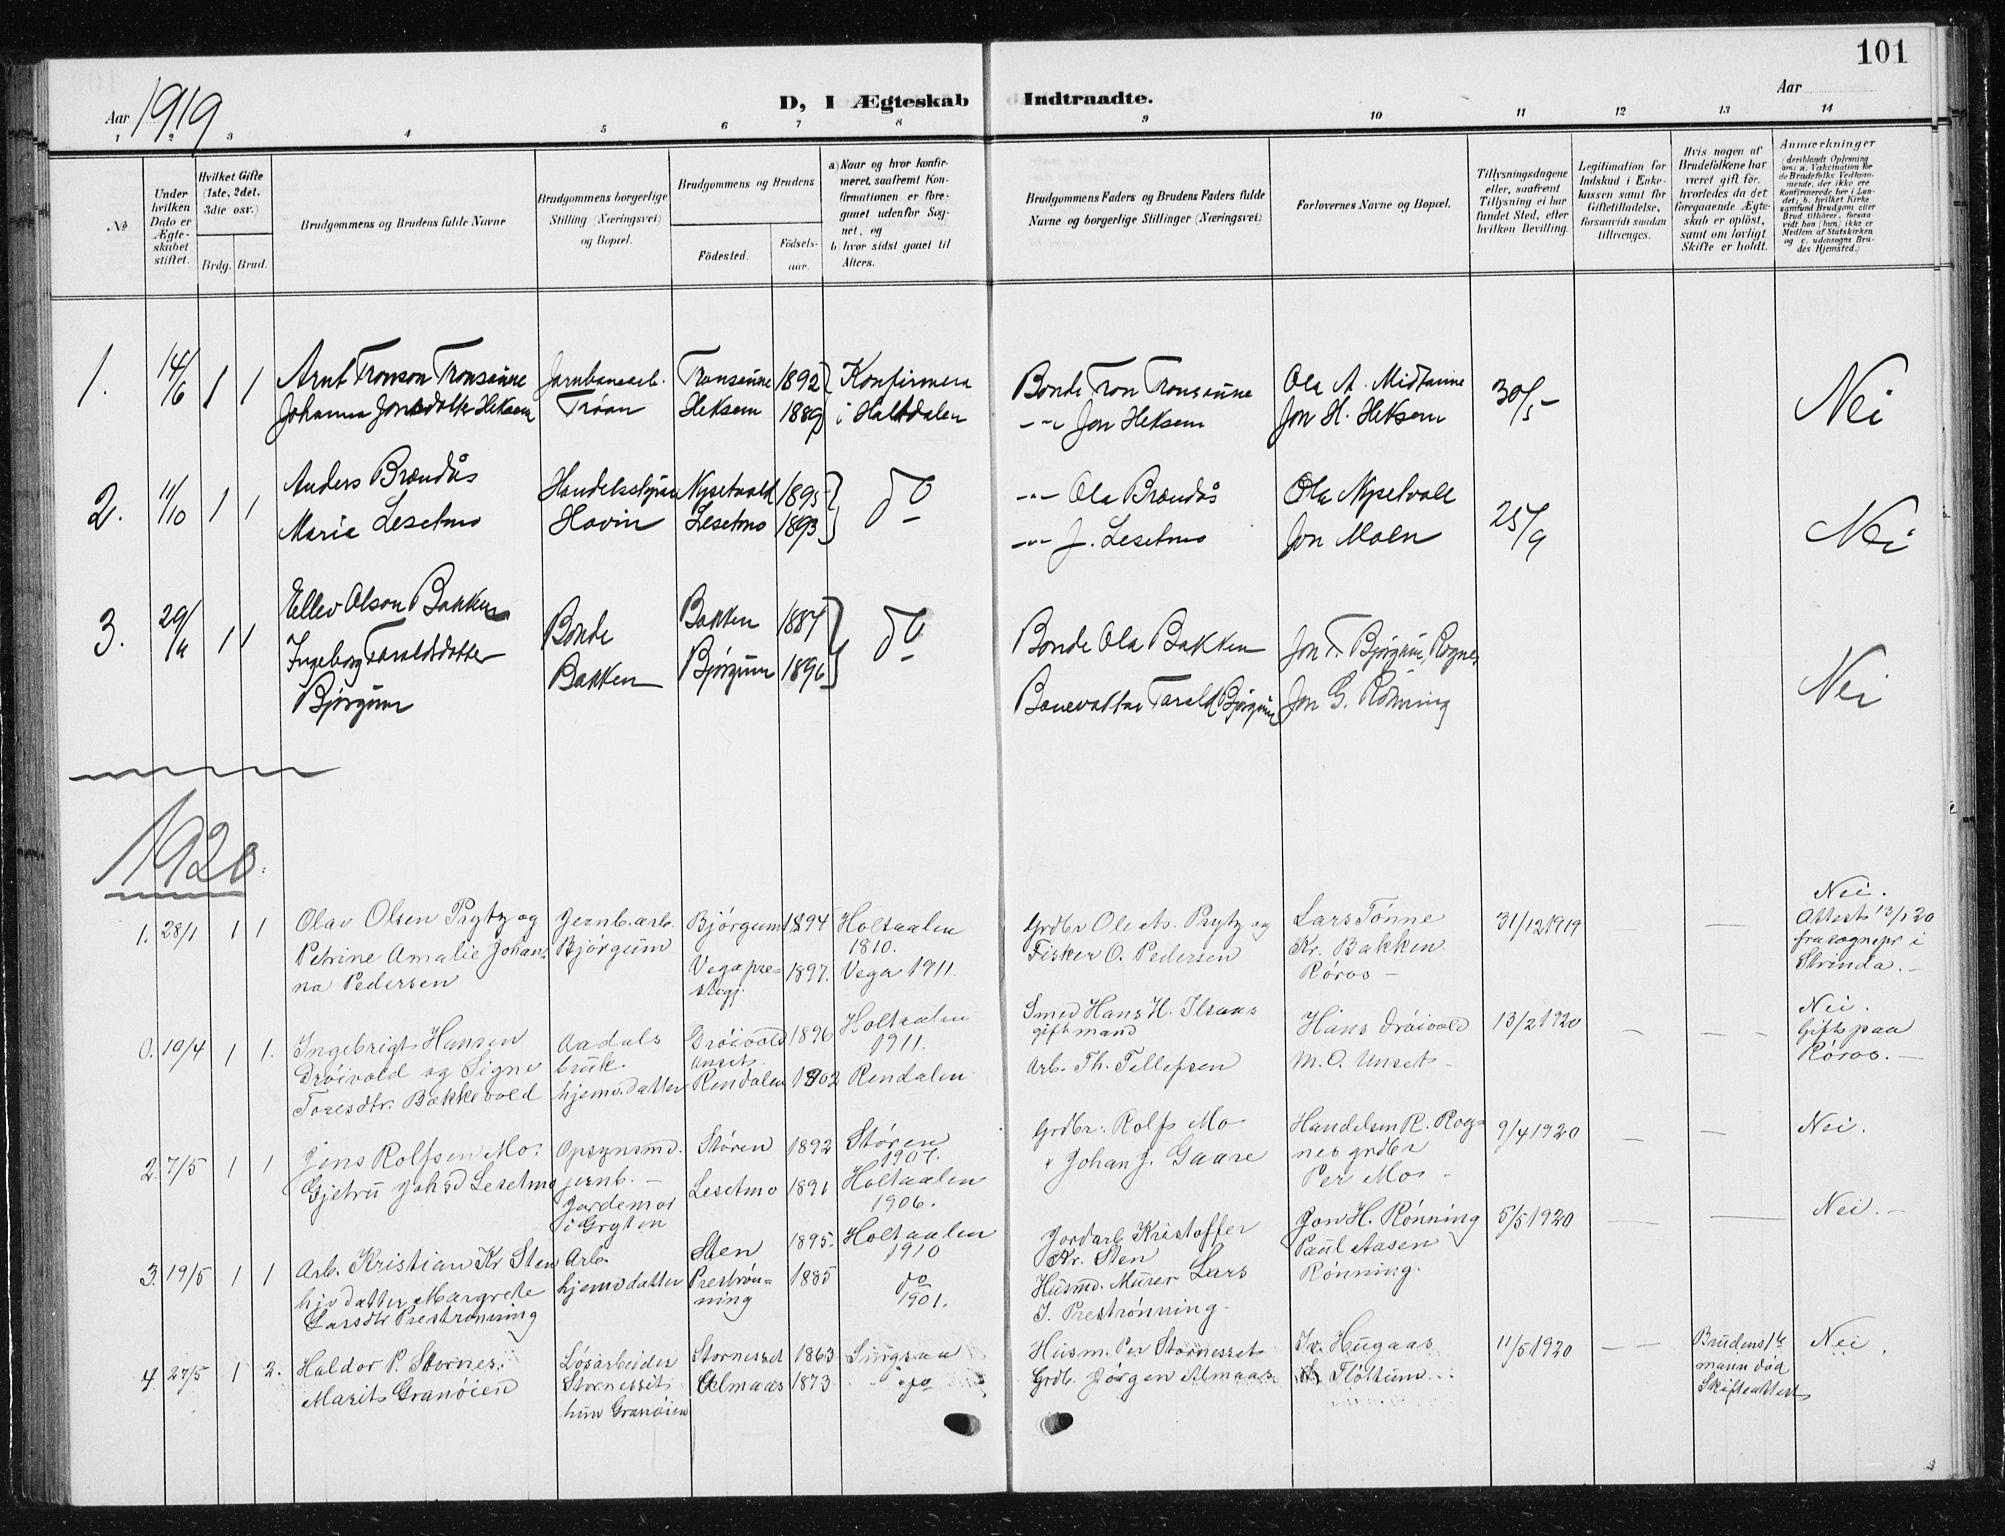 SAT, Ministerialprotokoller, klokkerbøker og fødselsregistre - Sør-Trøndelag, 685/L0979: Klokkerbok nr. 685C04, 1908-1933, s. 101